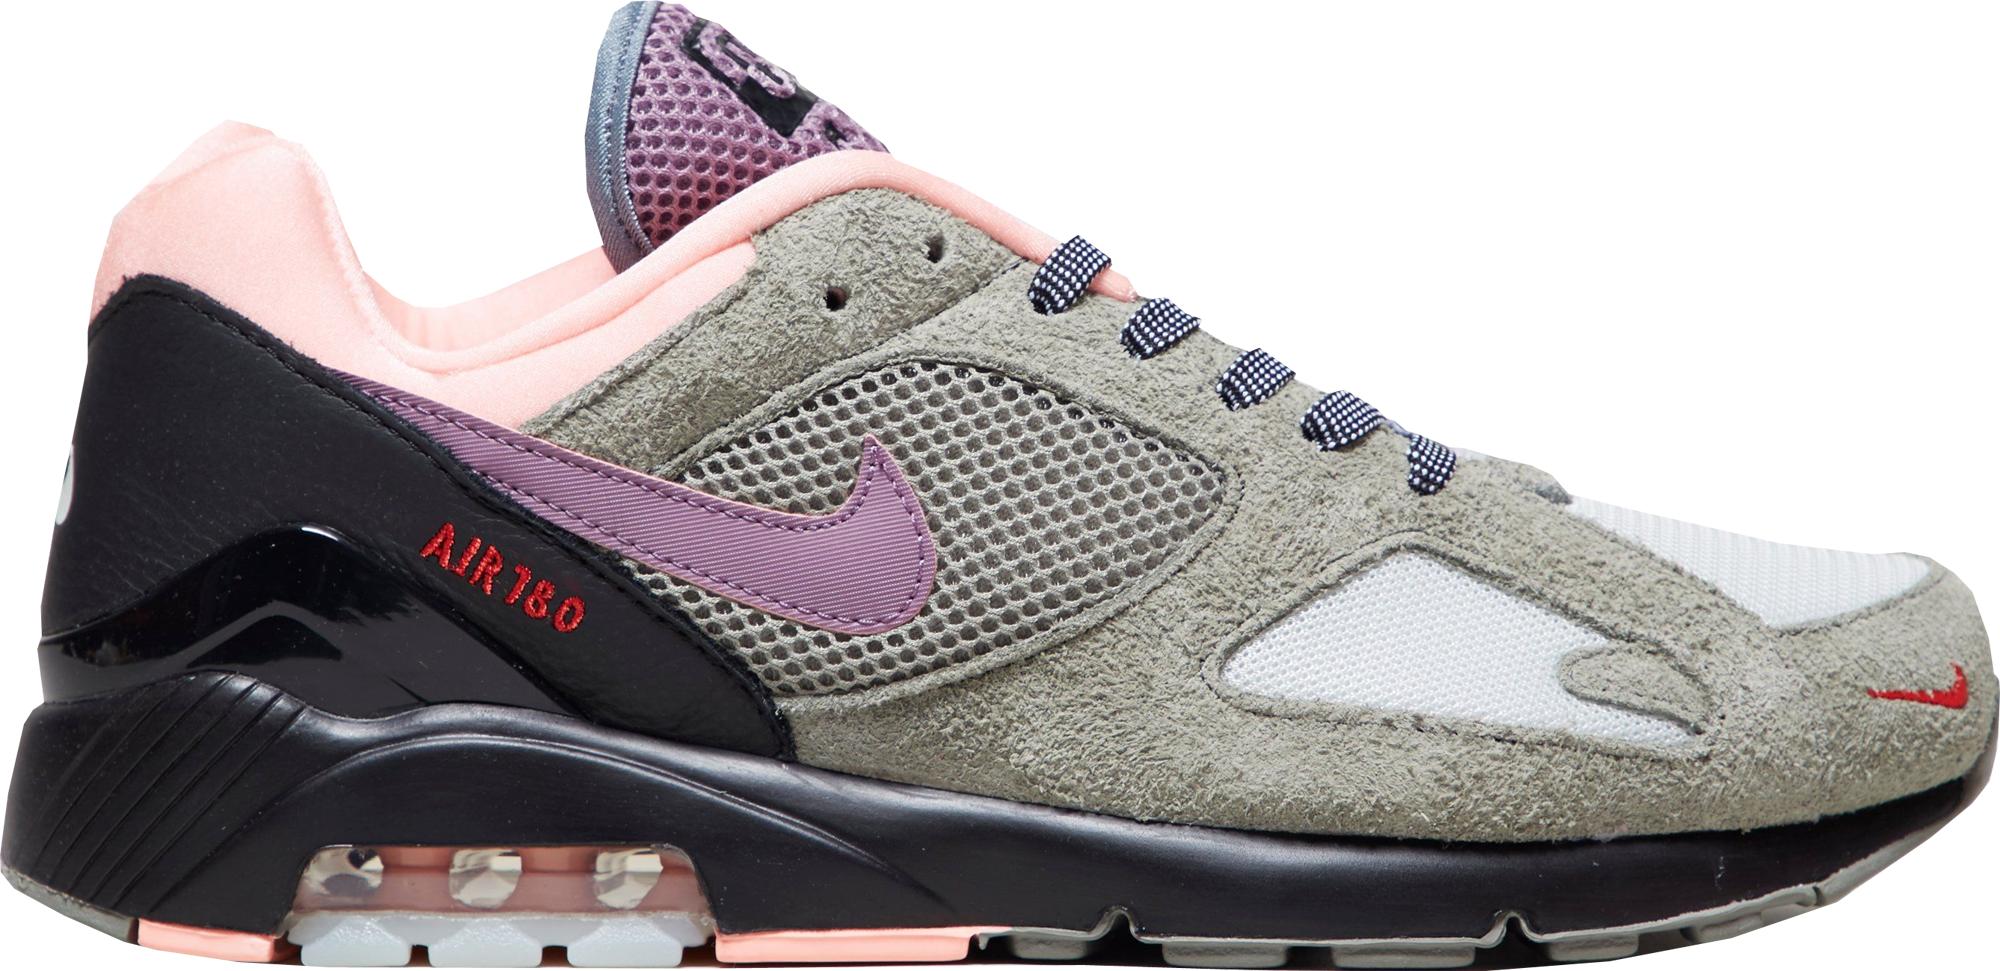 Nike Air Max 180 size? Dusk - AV5189-001